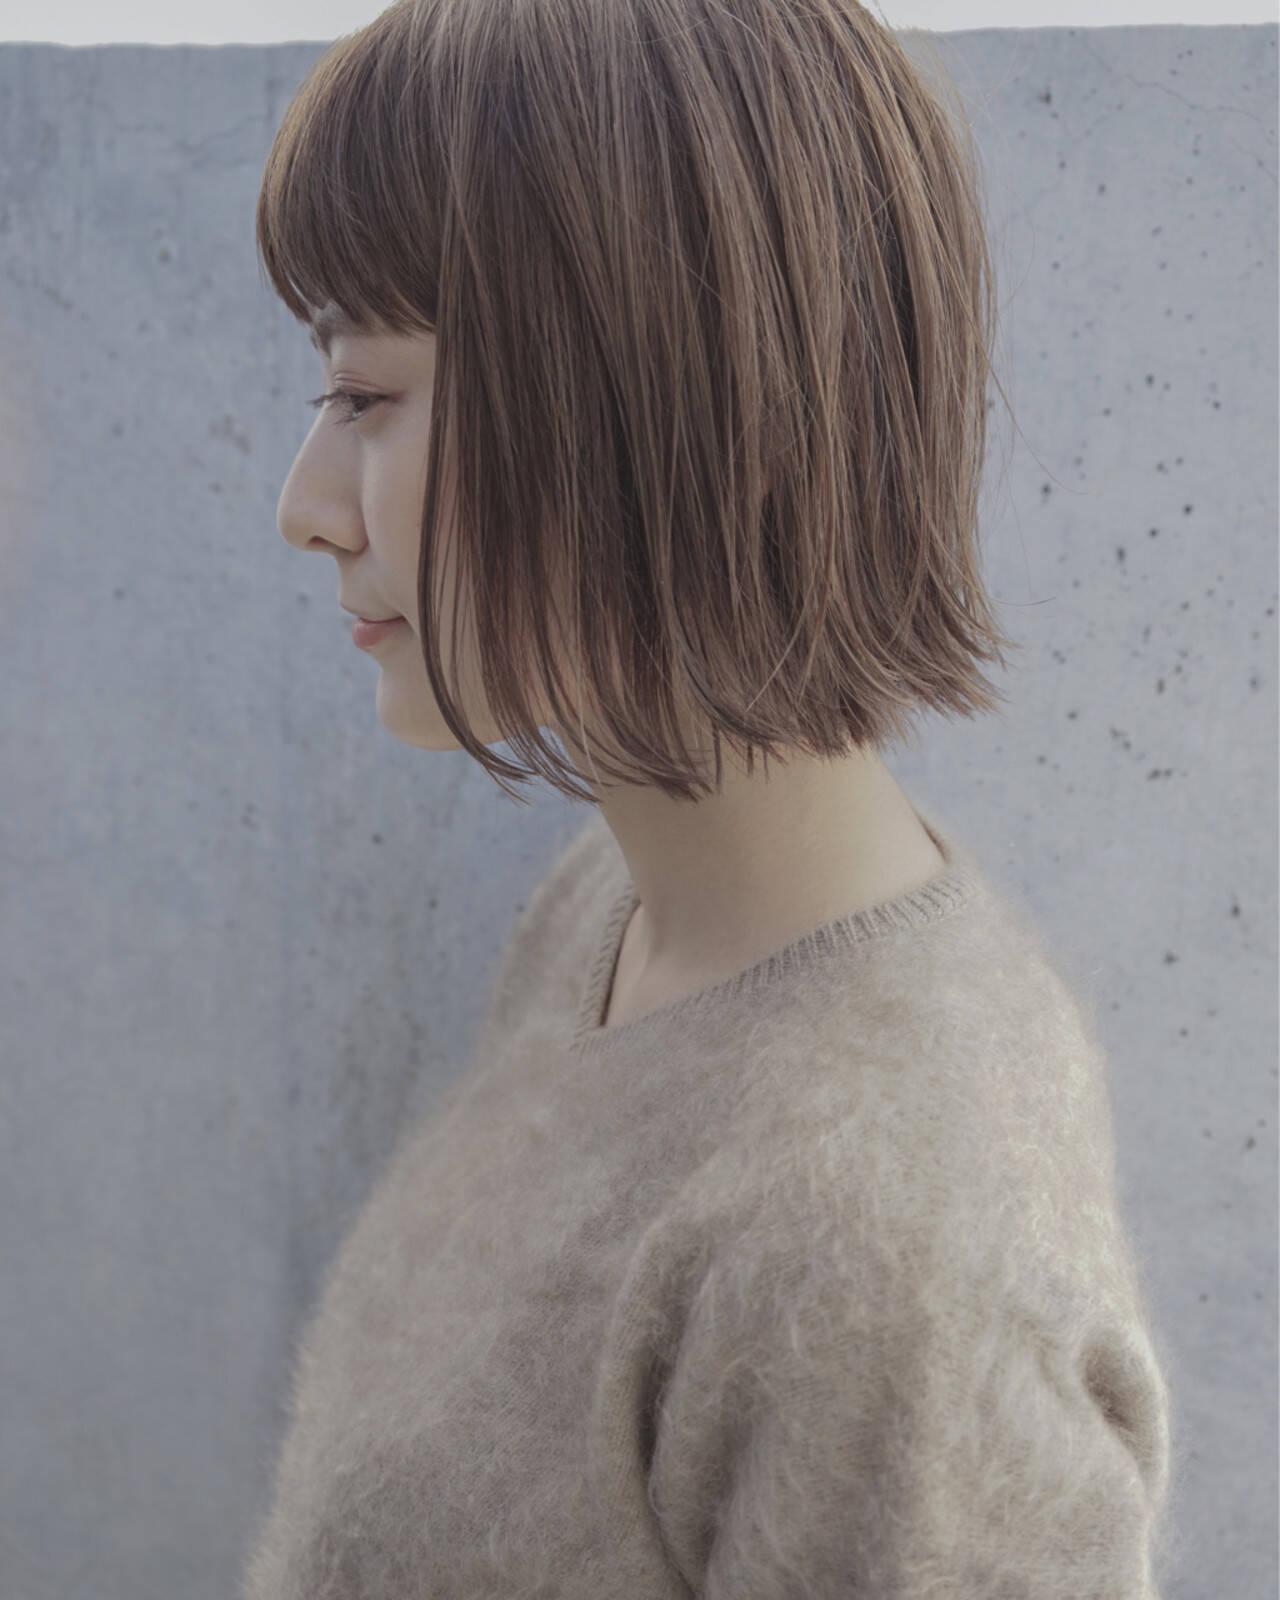 ハイライト ボブ ナチュラル ストレートヘアスタイルや髪型の写真・画像